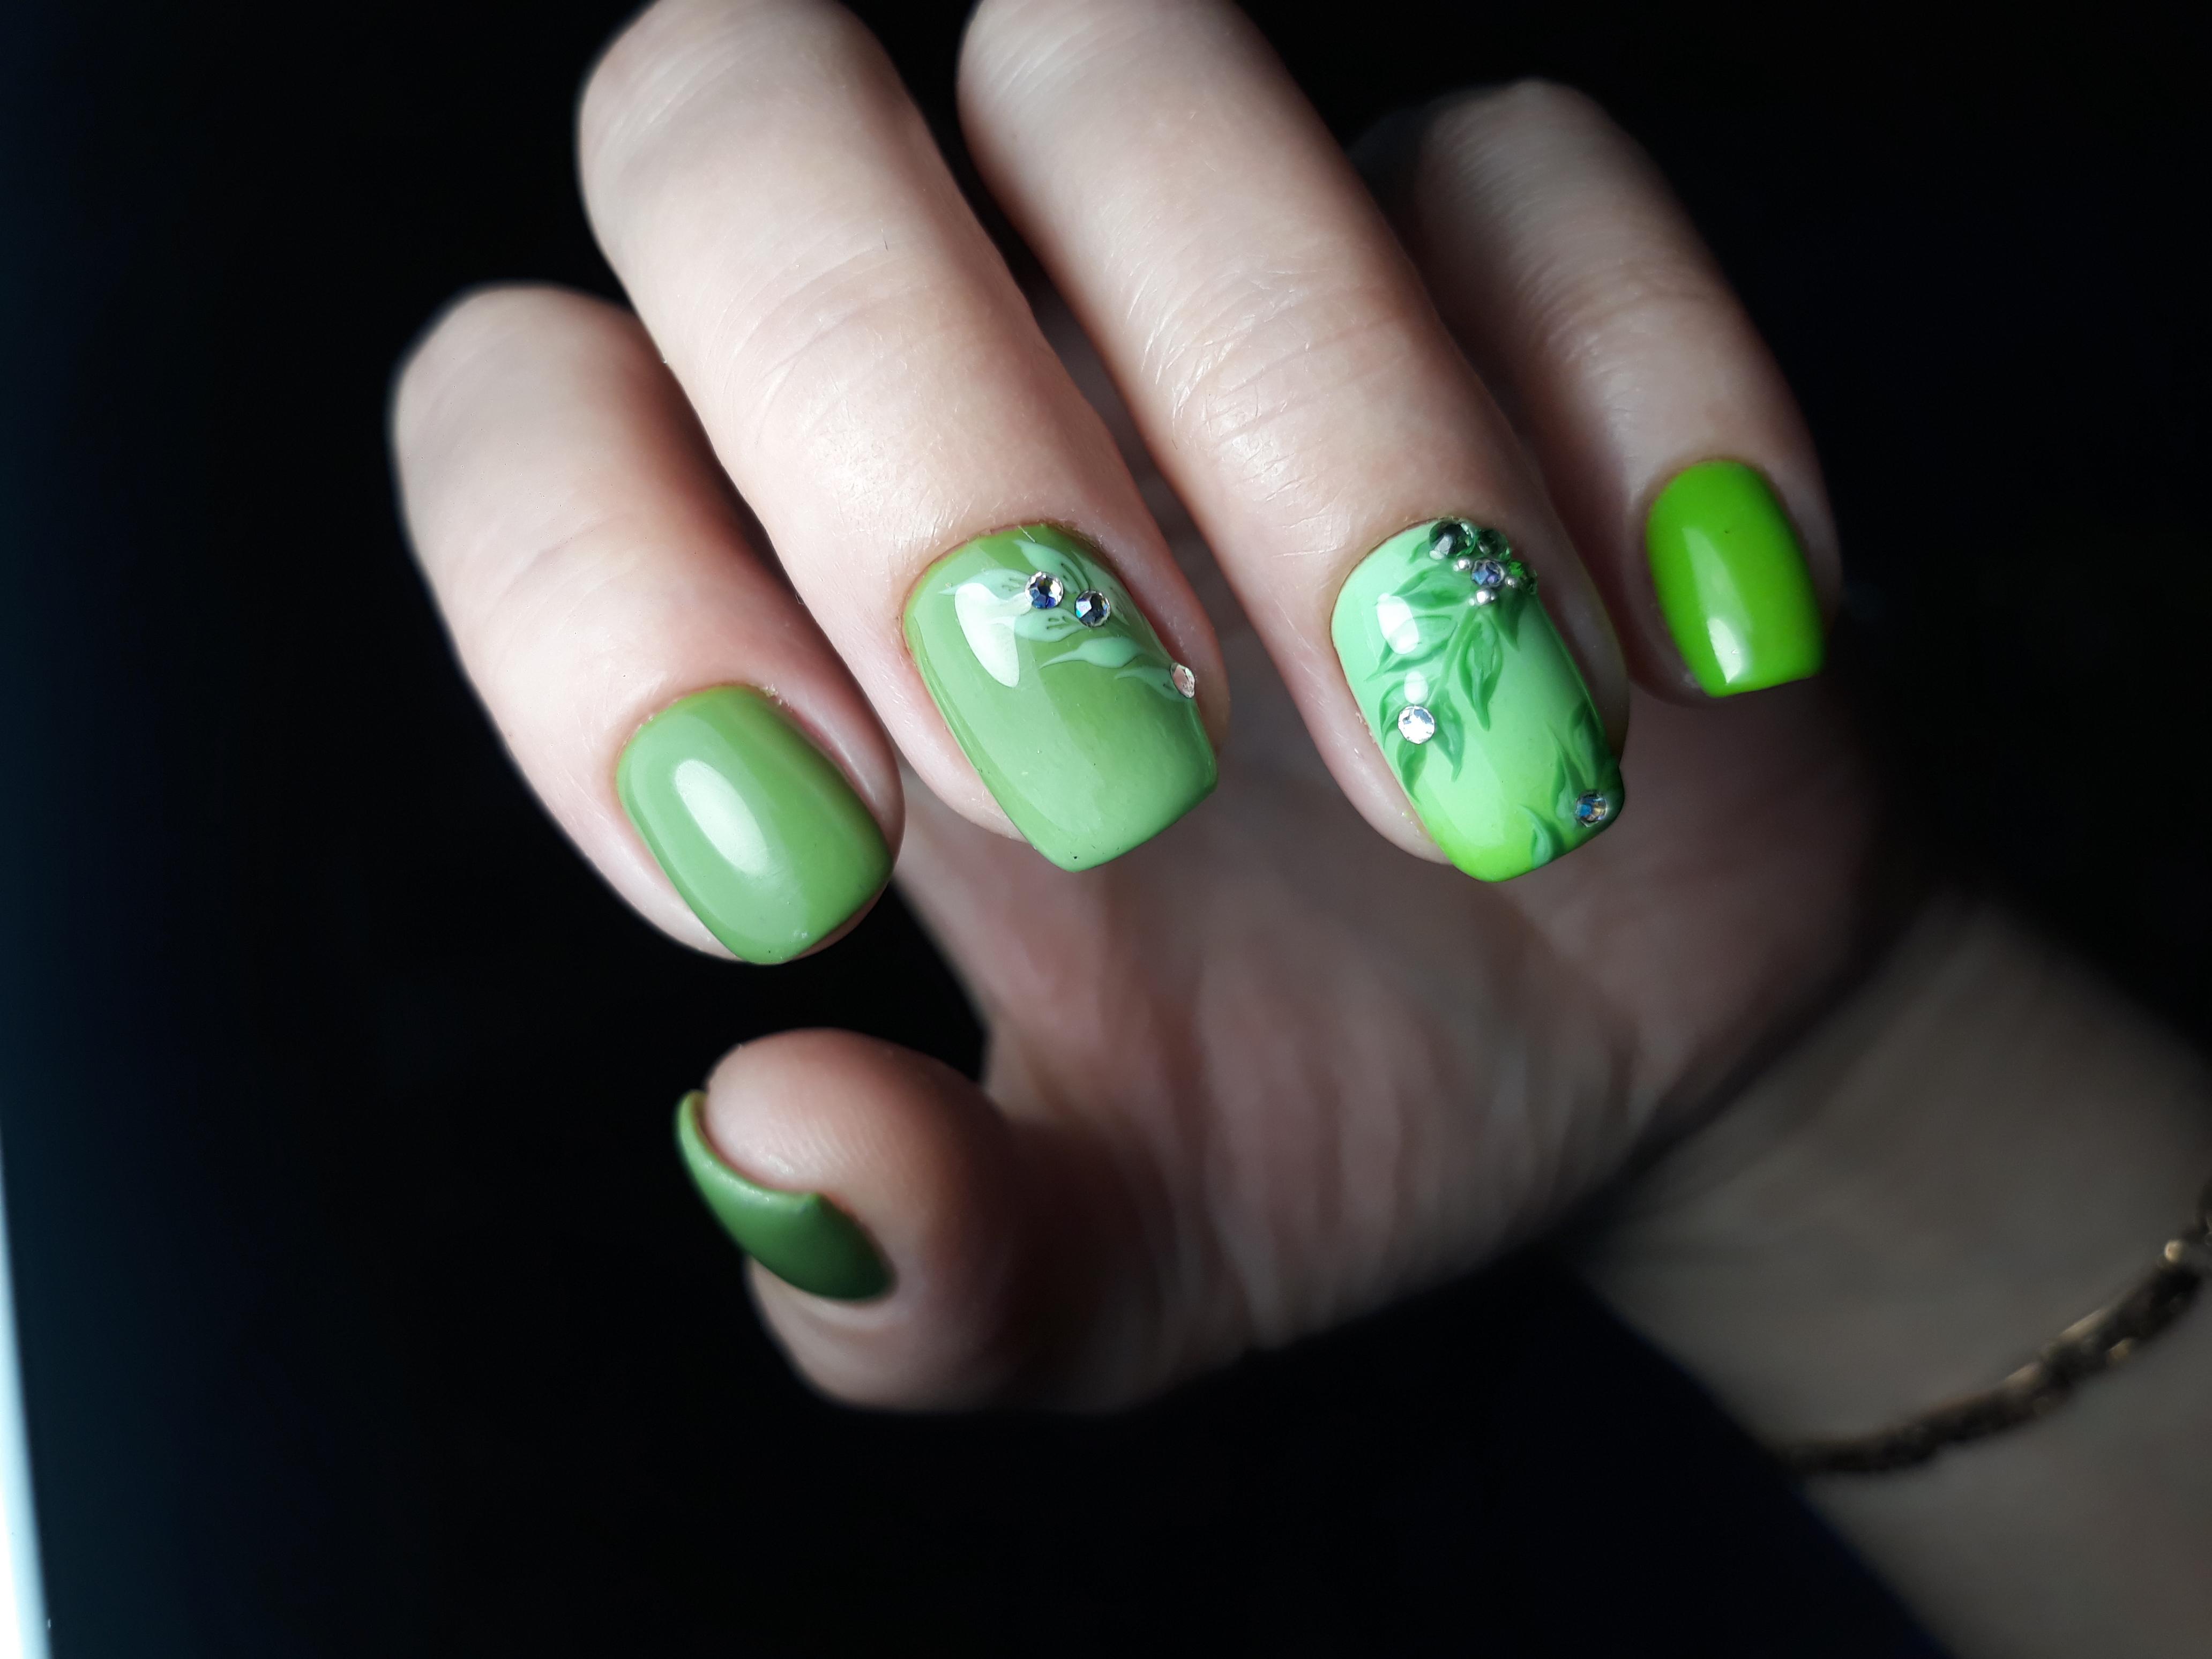 Маникюр с растительным рисунком и стразами в зеленом цвете.